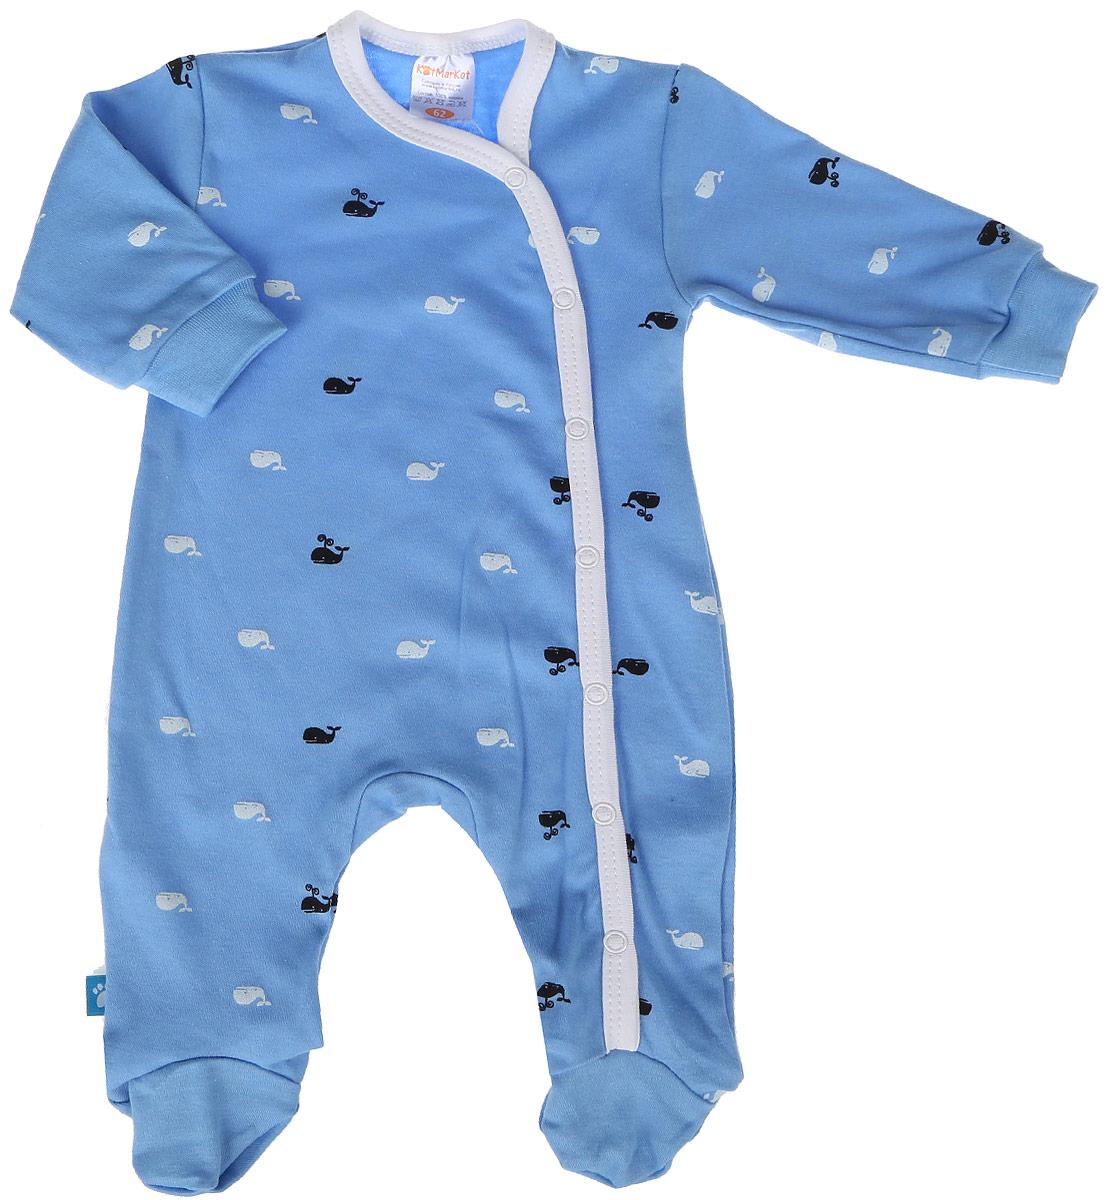 Комбинезон домашний для мальчика КотМарКот, цвет: синий, белый. 6311. Размер 806311Комбинезон домашний для мальчика КотМарКот выполнен из качественного материала. Модель с длинными рукавами застегивается на кнопки.